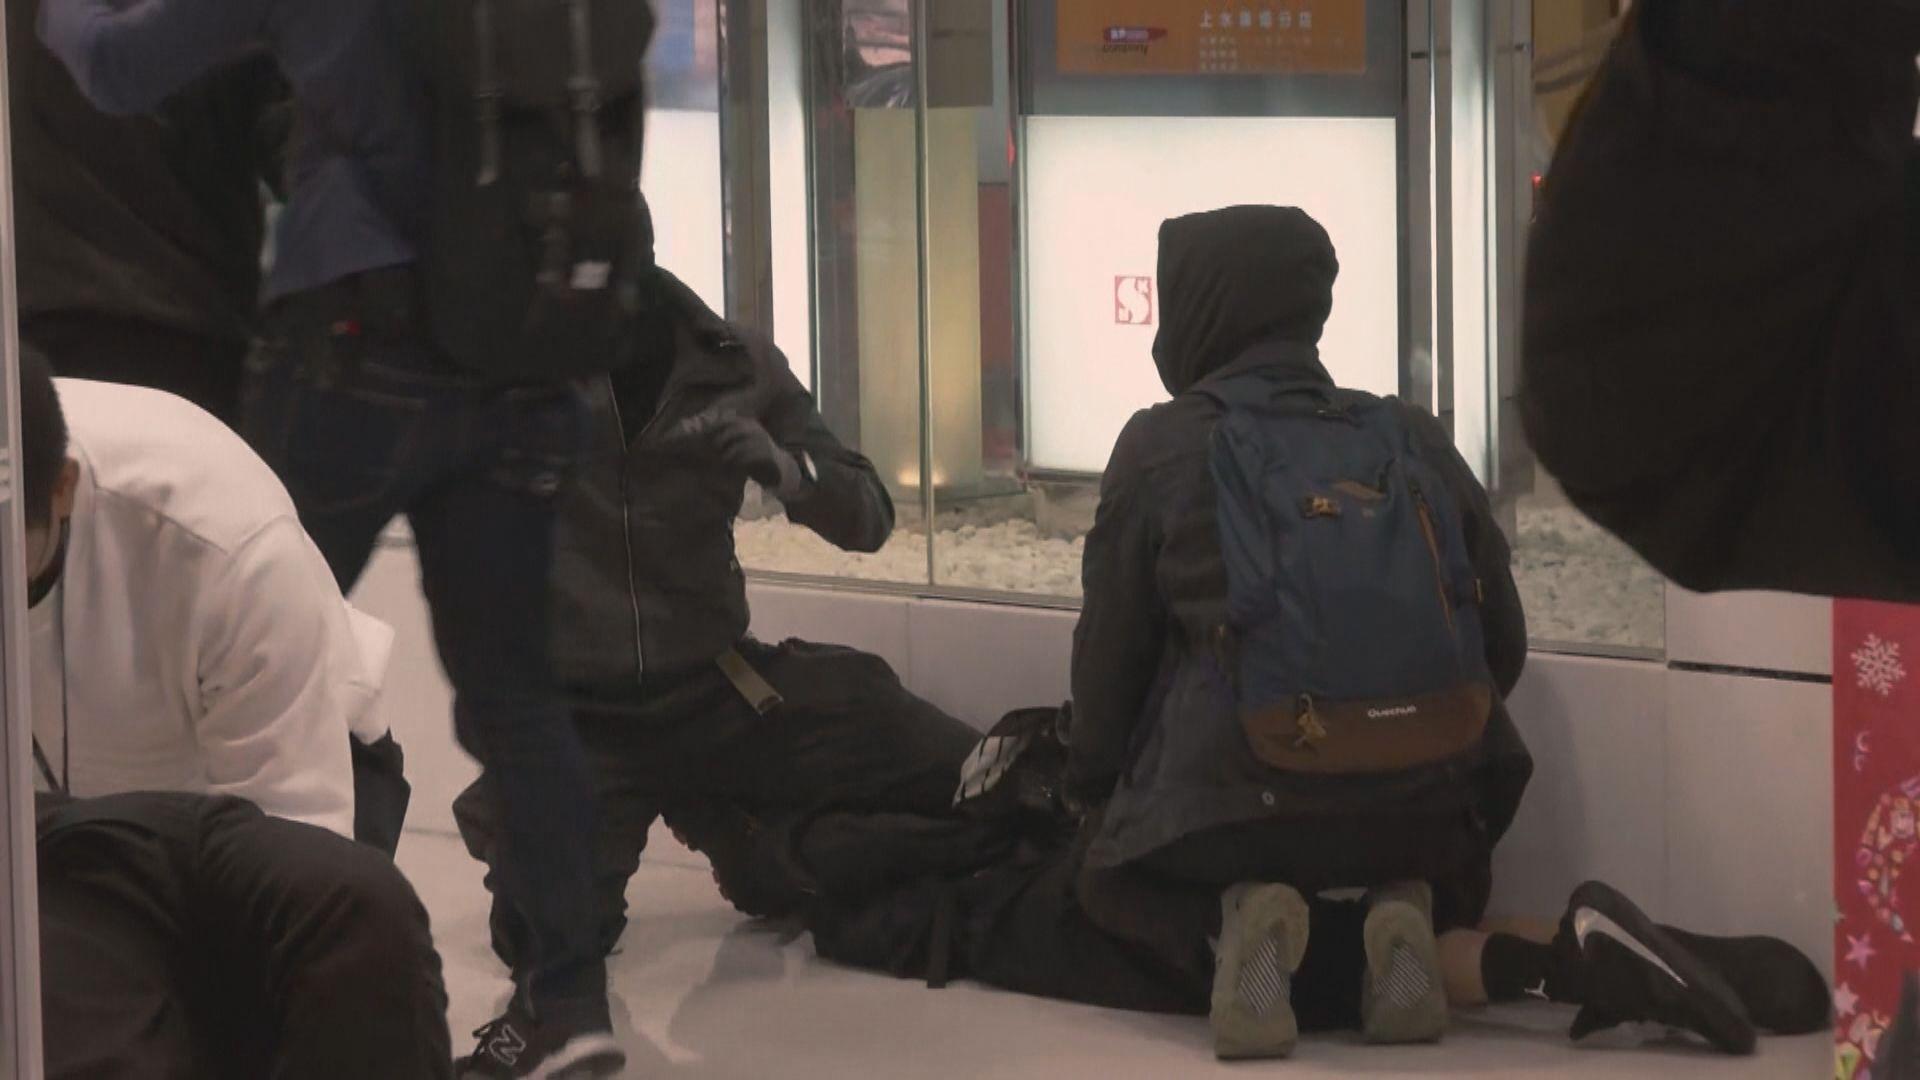 星期六上水廣場聚集 警拘20人涉非法集結